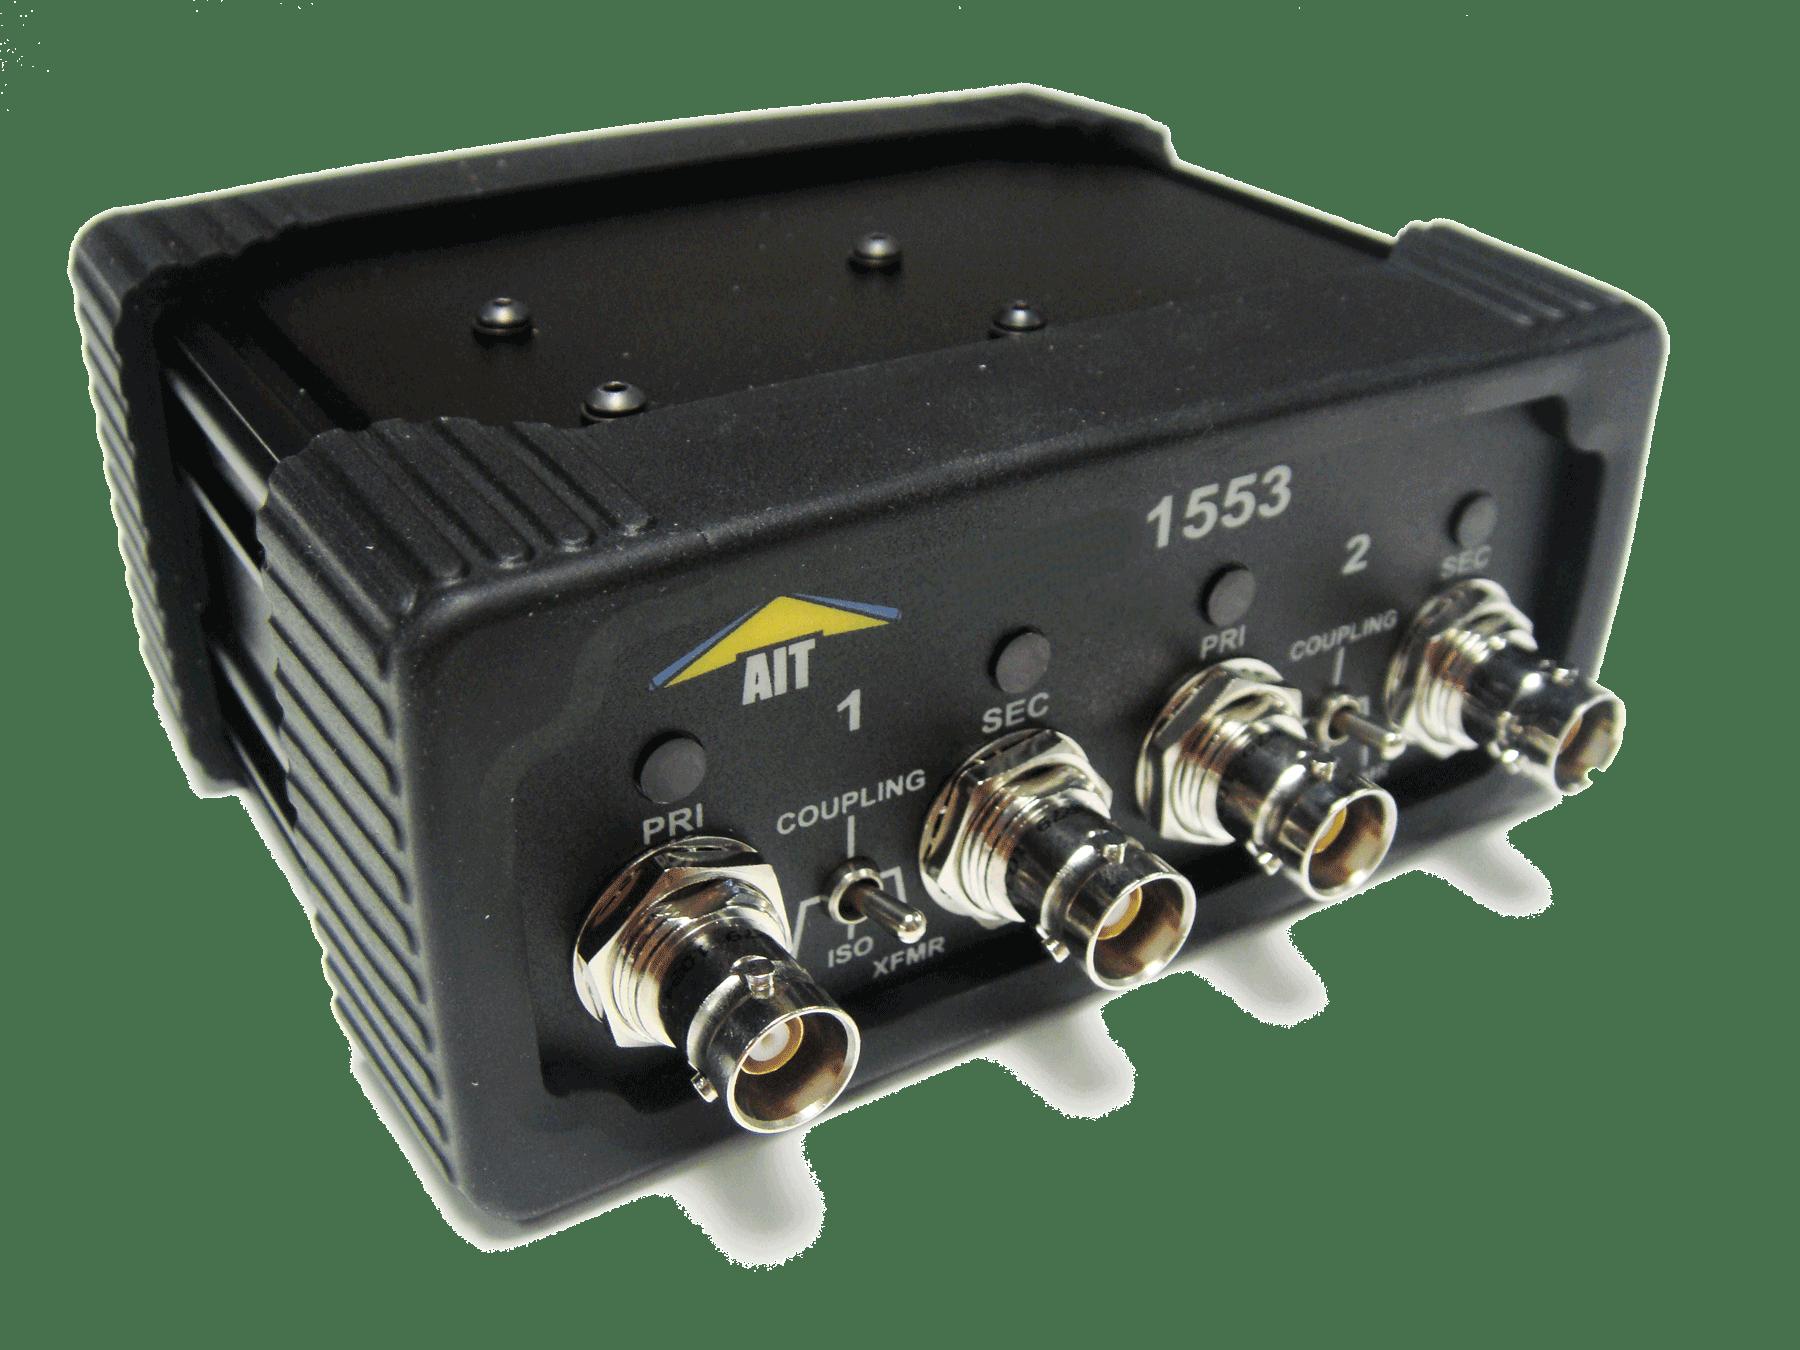 MIL-STD-1553 Ethernet data acquisition unit